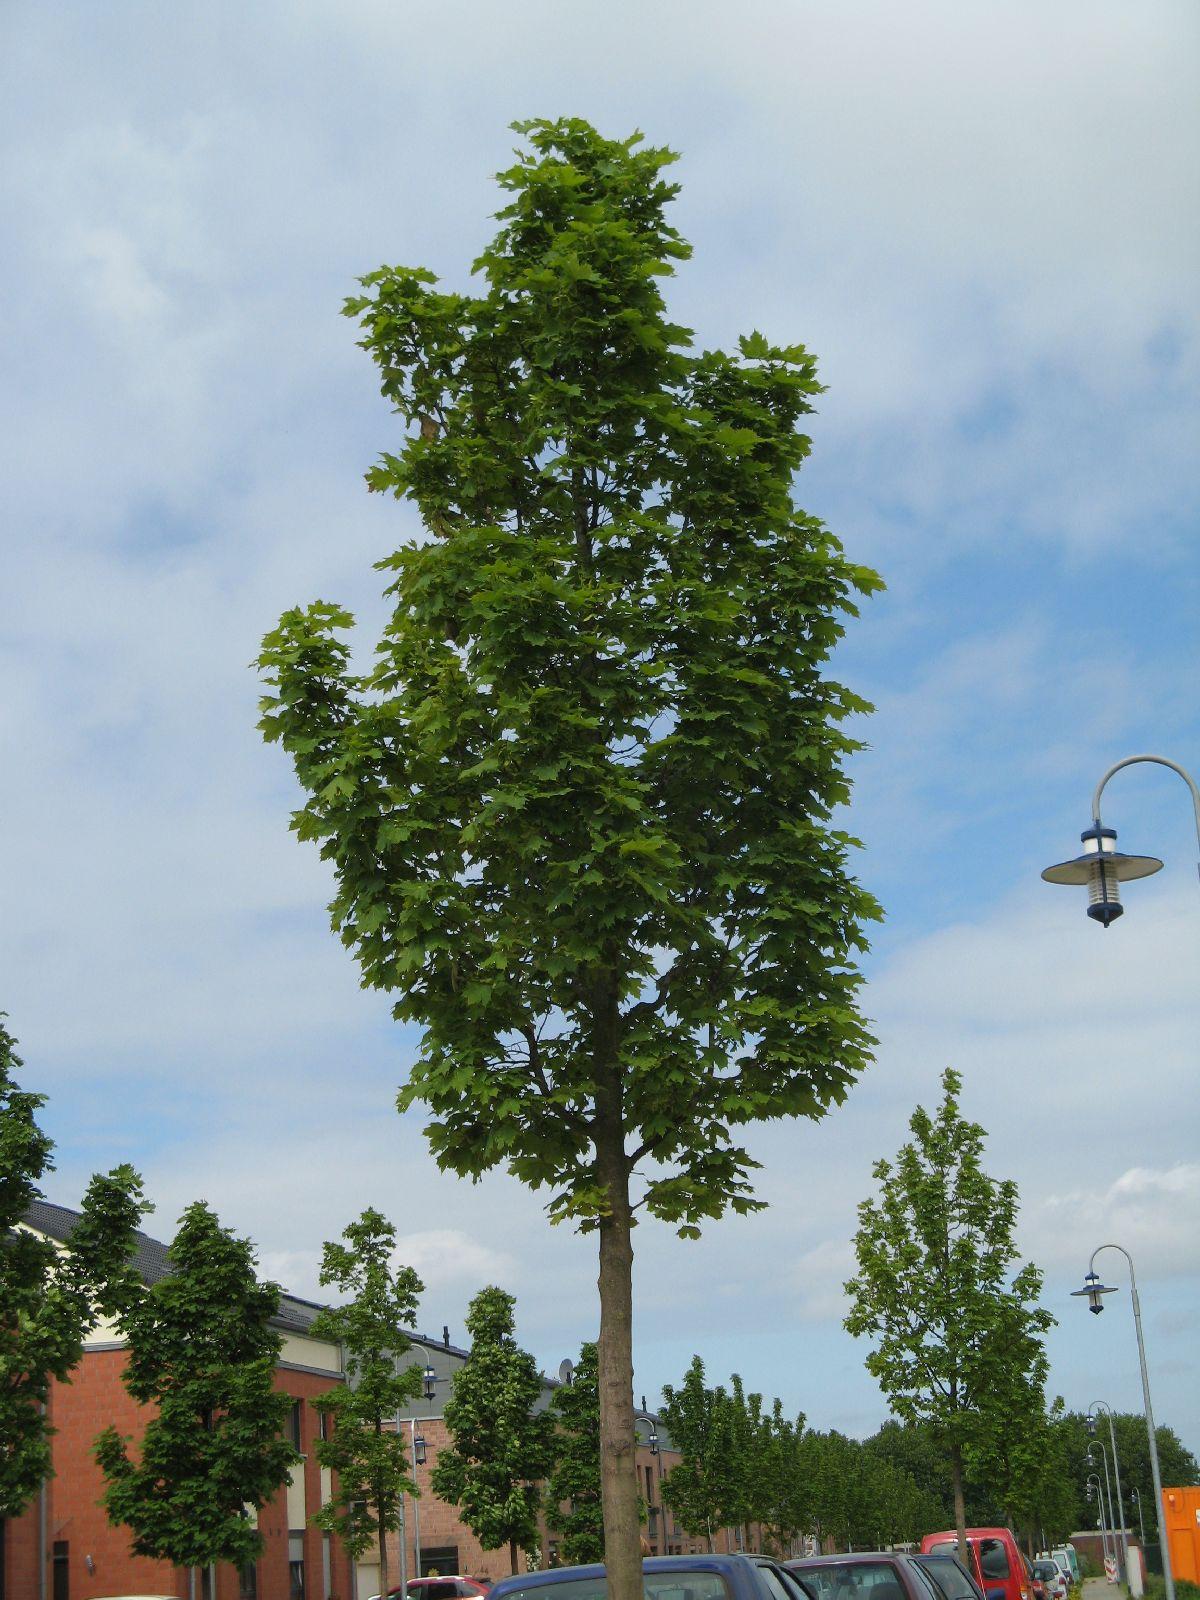 Pflanzen-Baum-Foto_Textur_B_02010